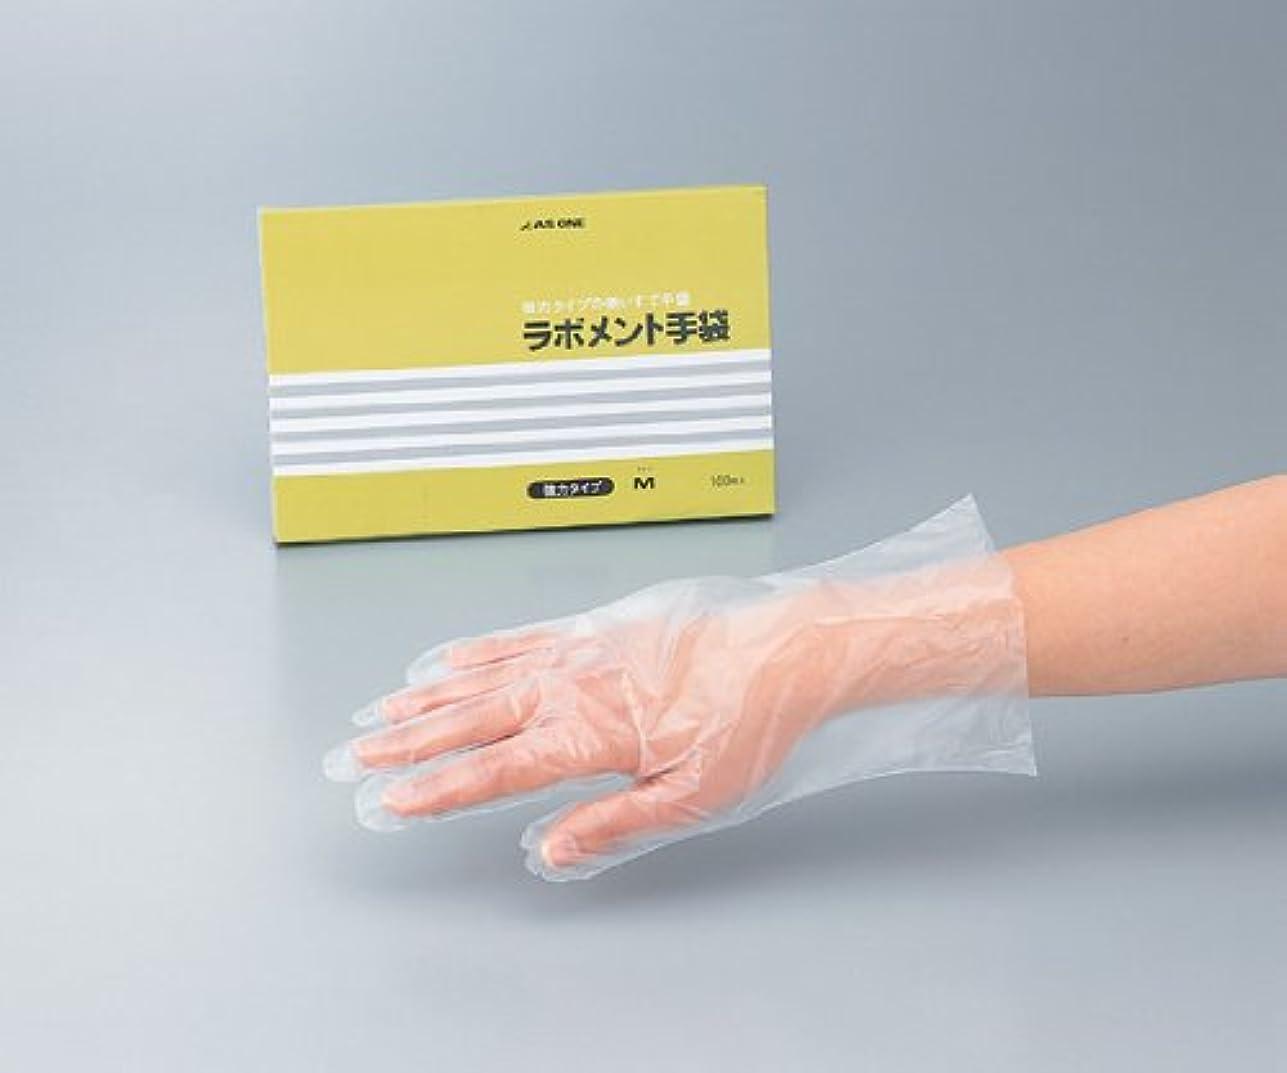 汚れた光電ファントムアズワン6-897-02ラボメント手袋M100枚入